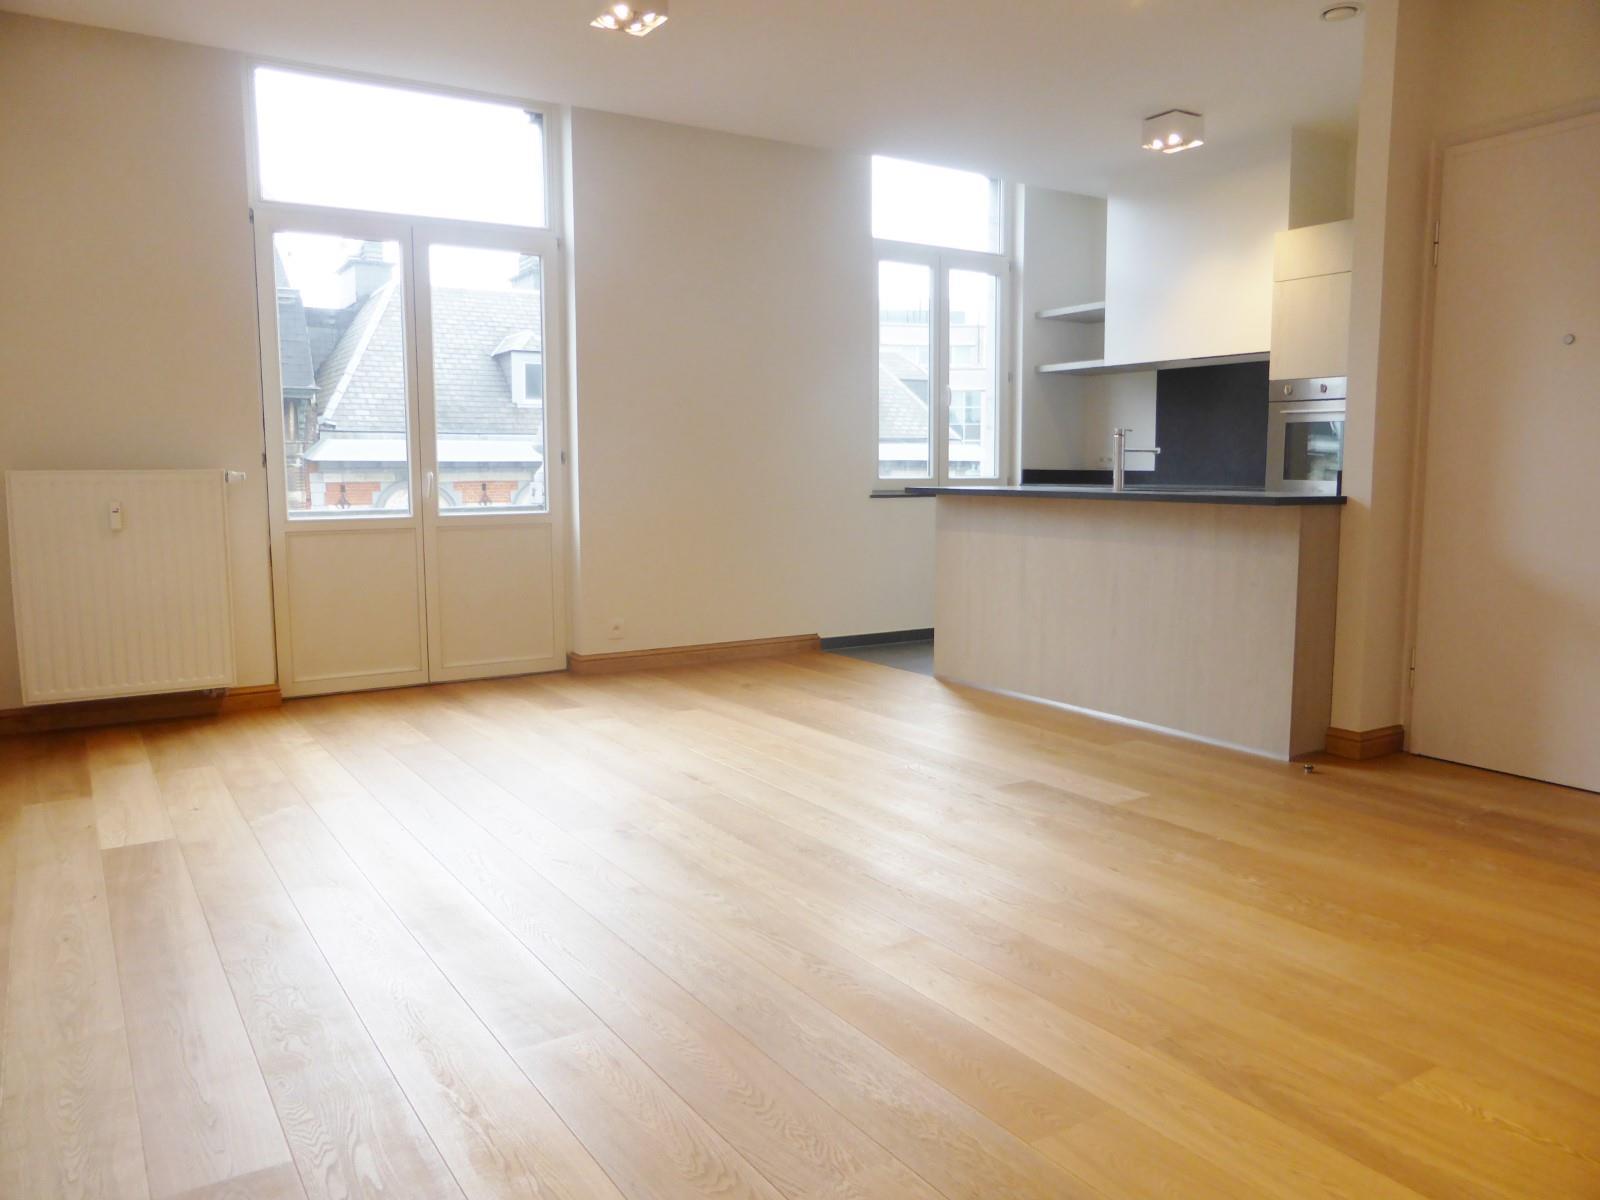 Appartement exceptionnel - Bruxelles - #4056384-28